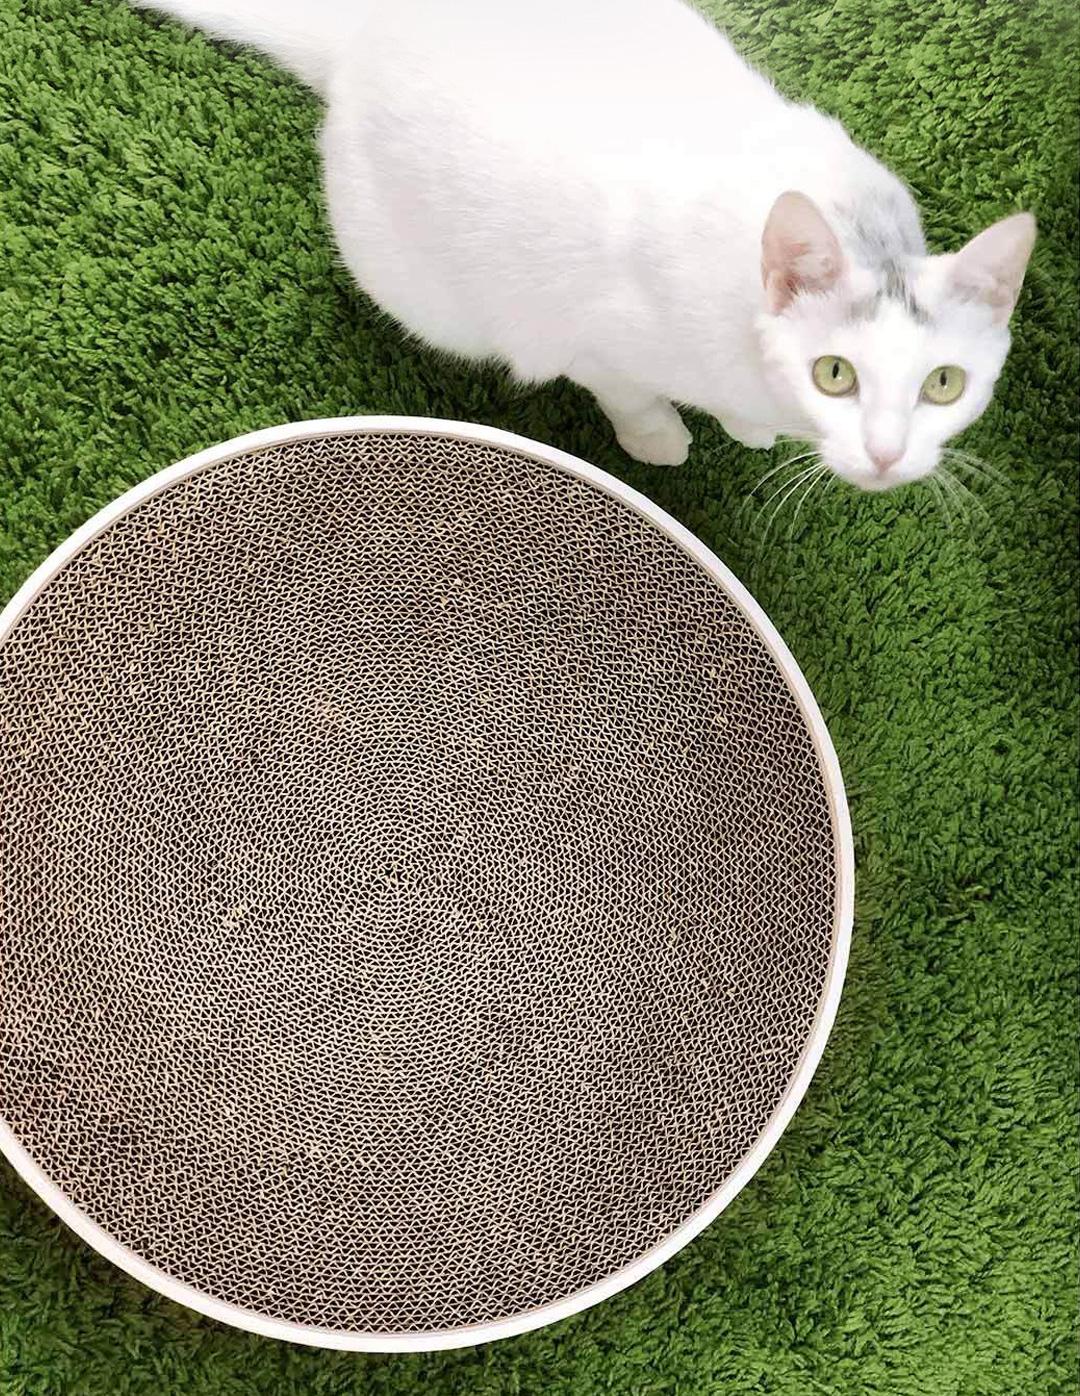 Xiaomi Jordan Judy Cat Scratcher